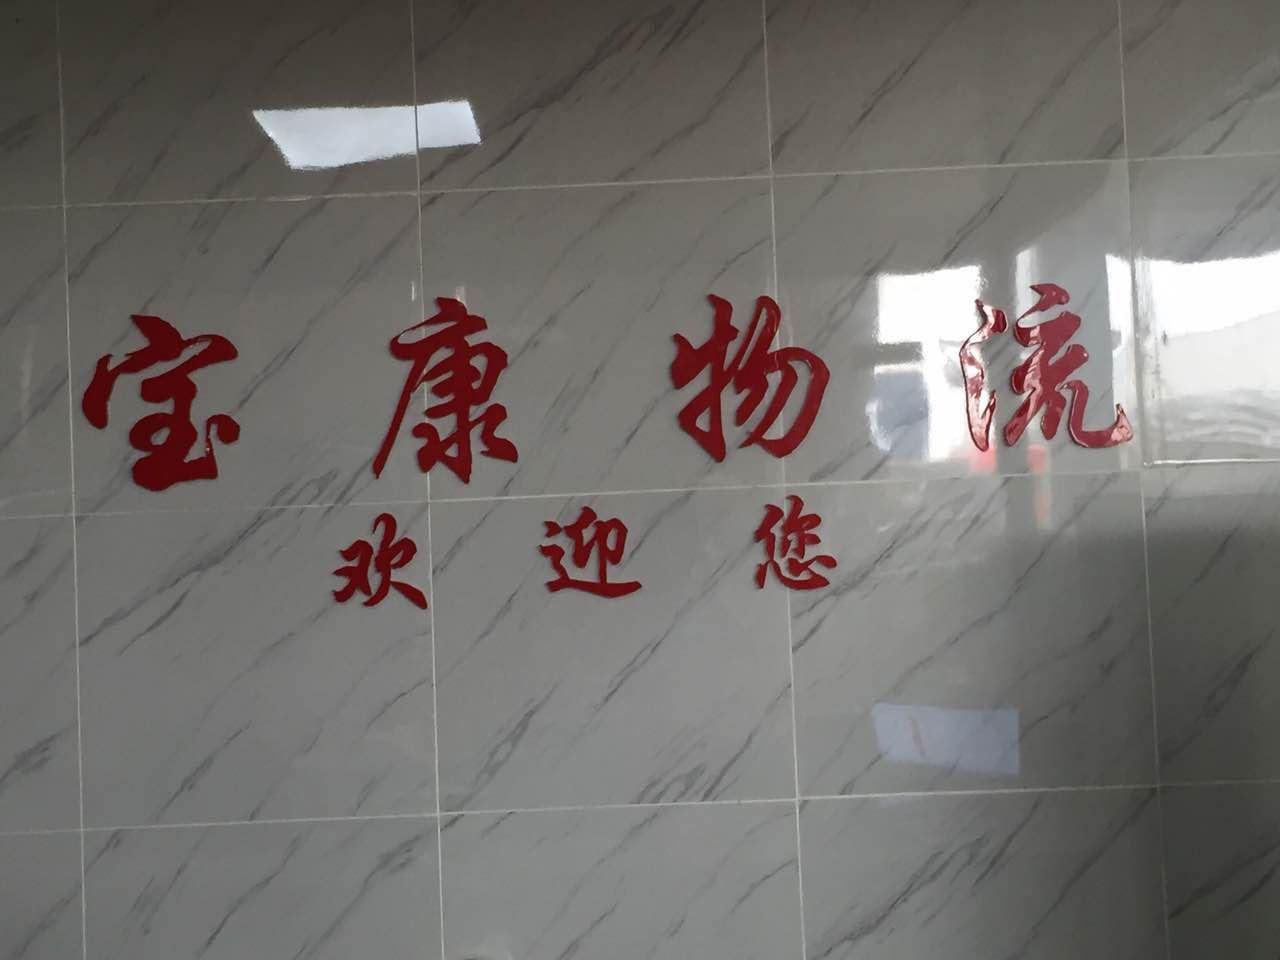 长沙到上海物流专线(长沙宝康物流有限公司)